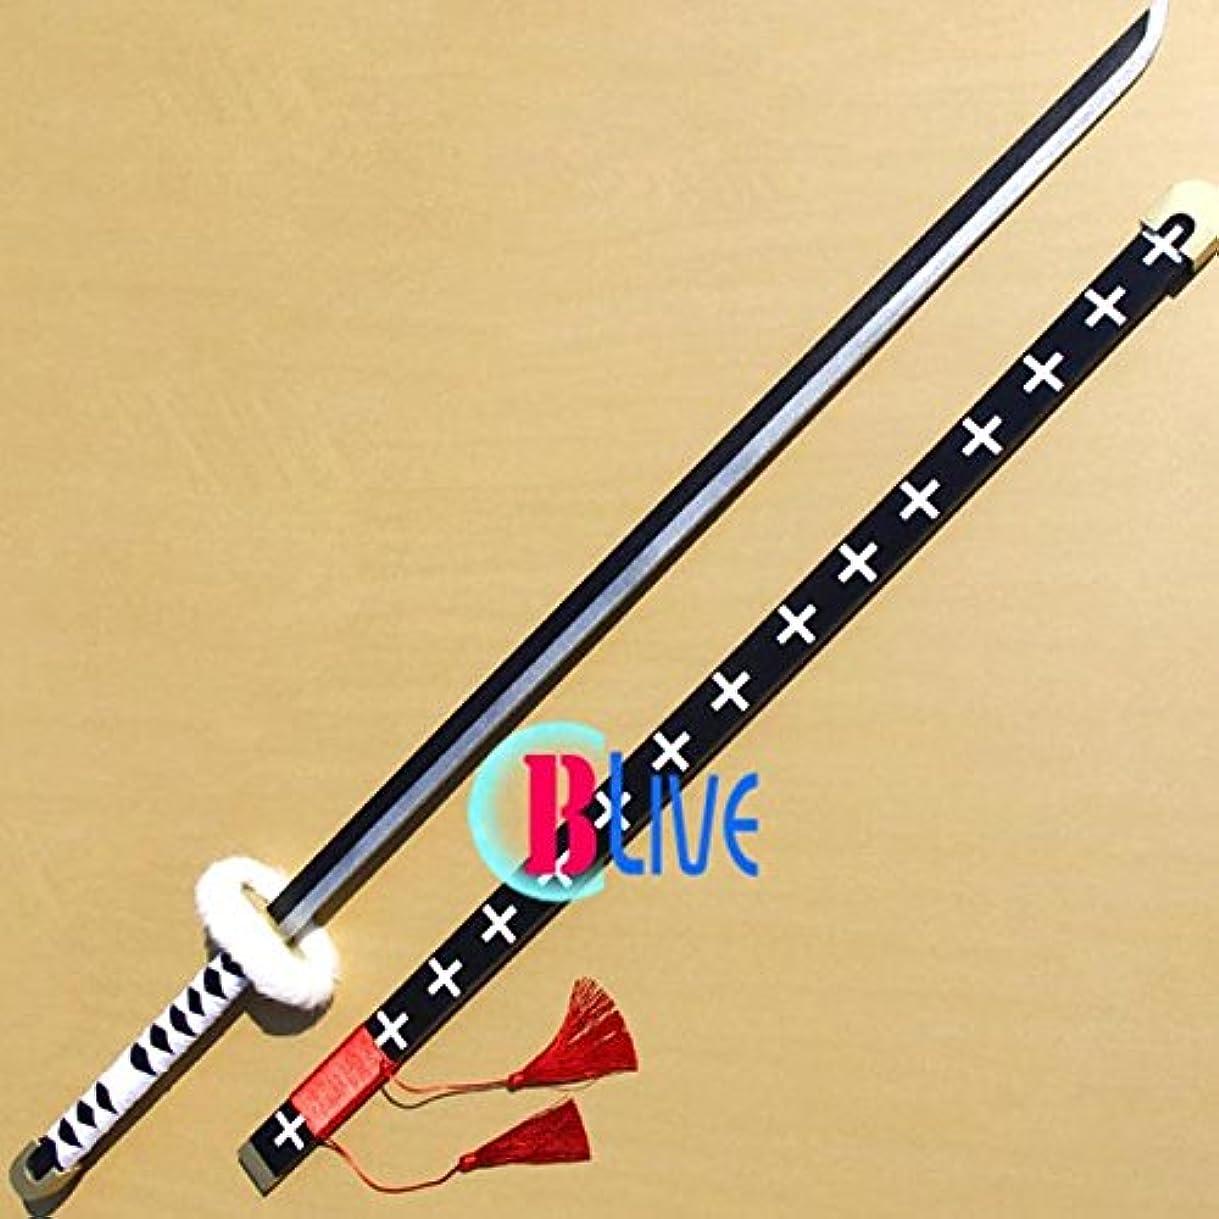 ポルティコマトロン恐れるV0873VDV コスプレ道具 ONE PIECE ワンピース トラファルガー?ロー 死亡の外科医者 刀剣武器